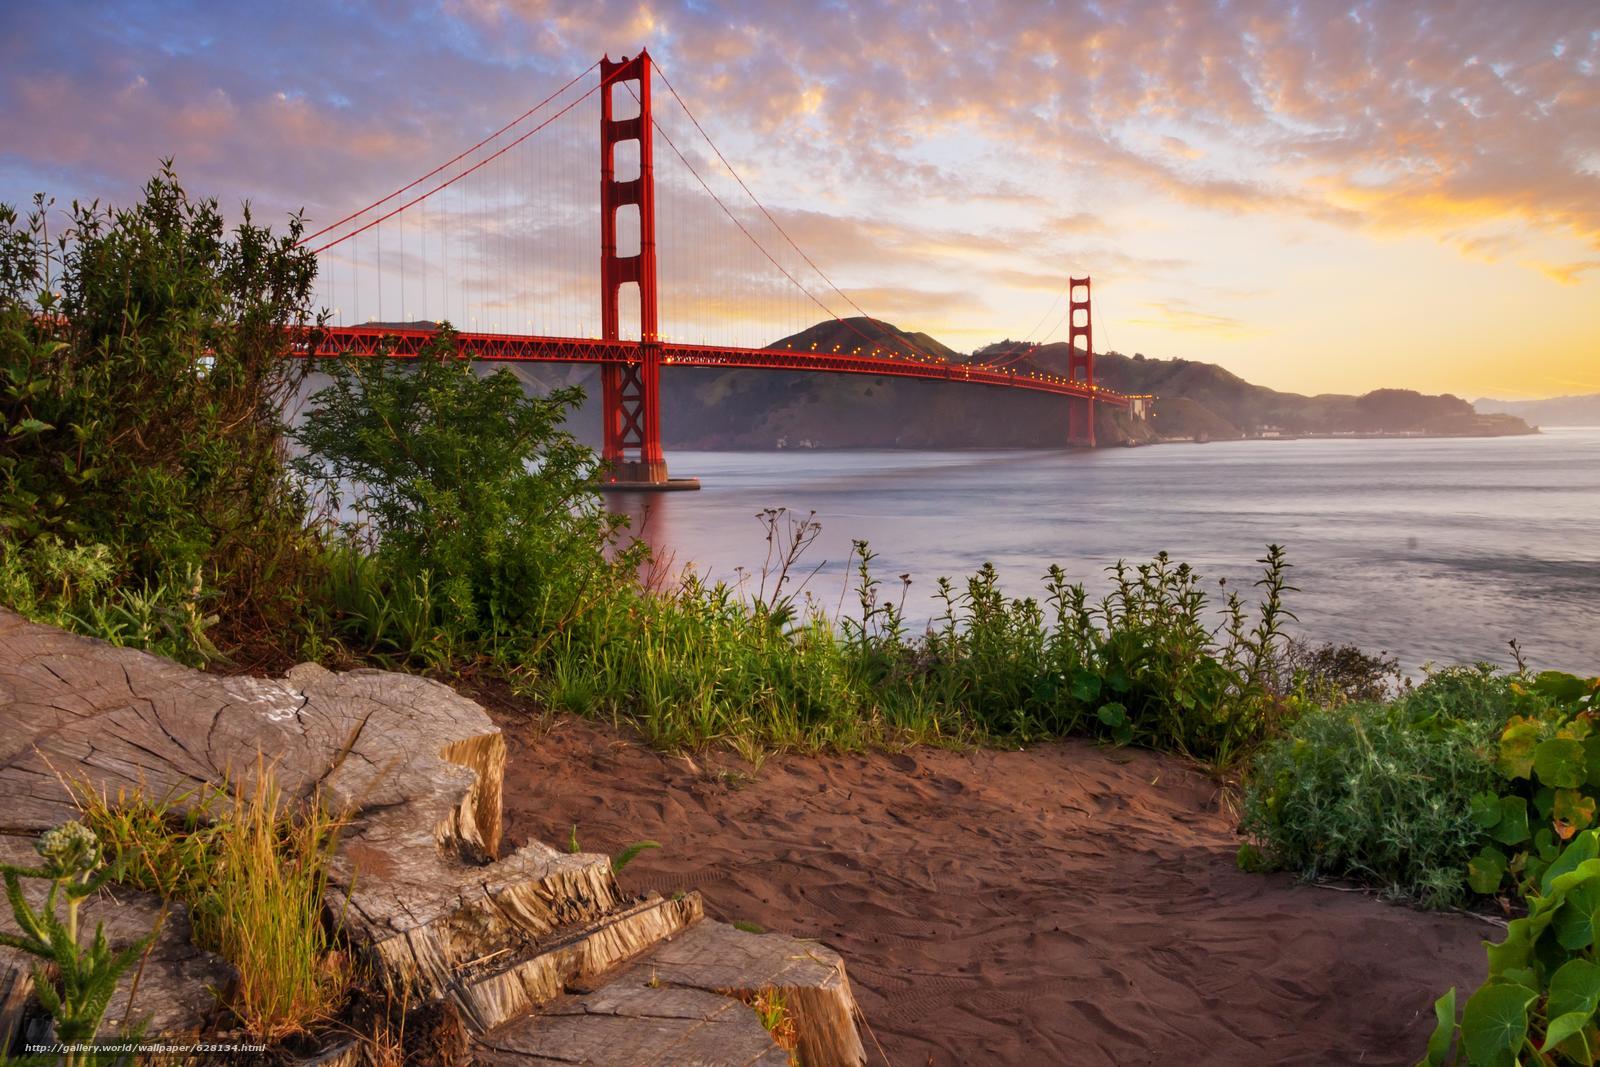 Скачать на телефон обои фото картинку на тему Мост Золотые Ворота, пролив Золотые Ворота, Сан-Франциско, разширение 7348x4899